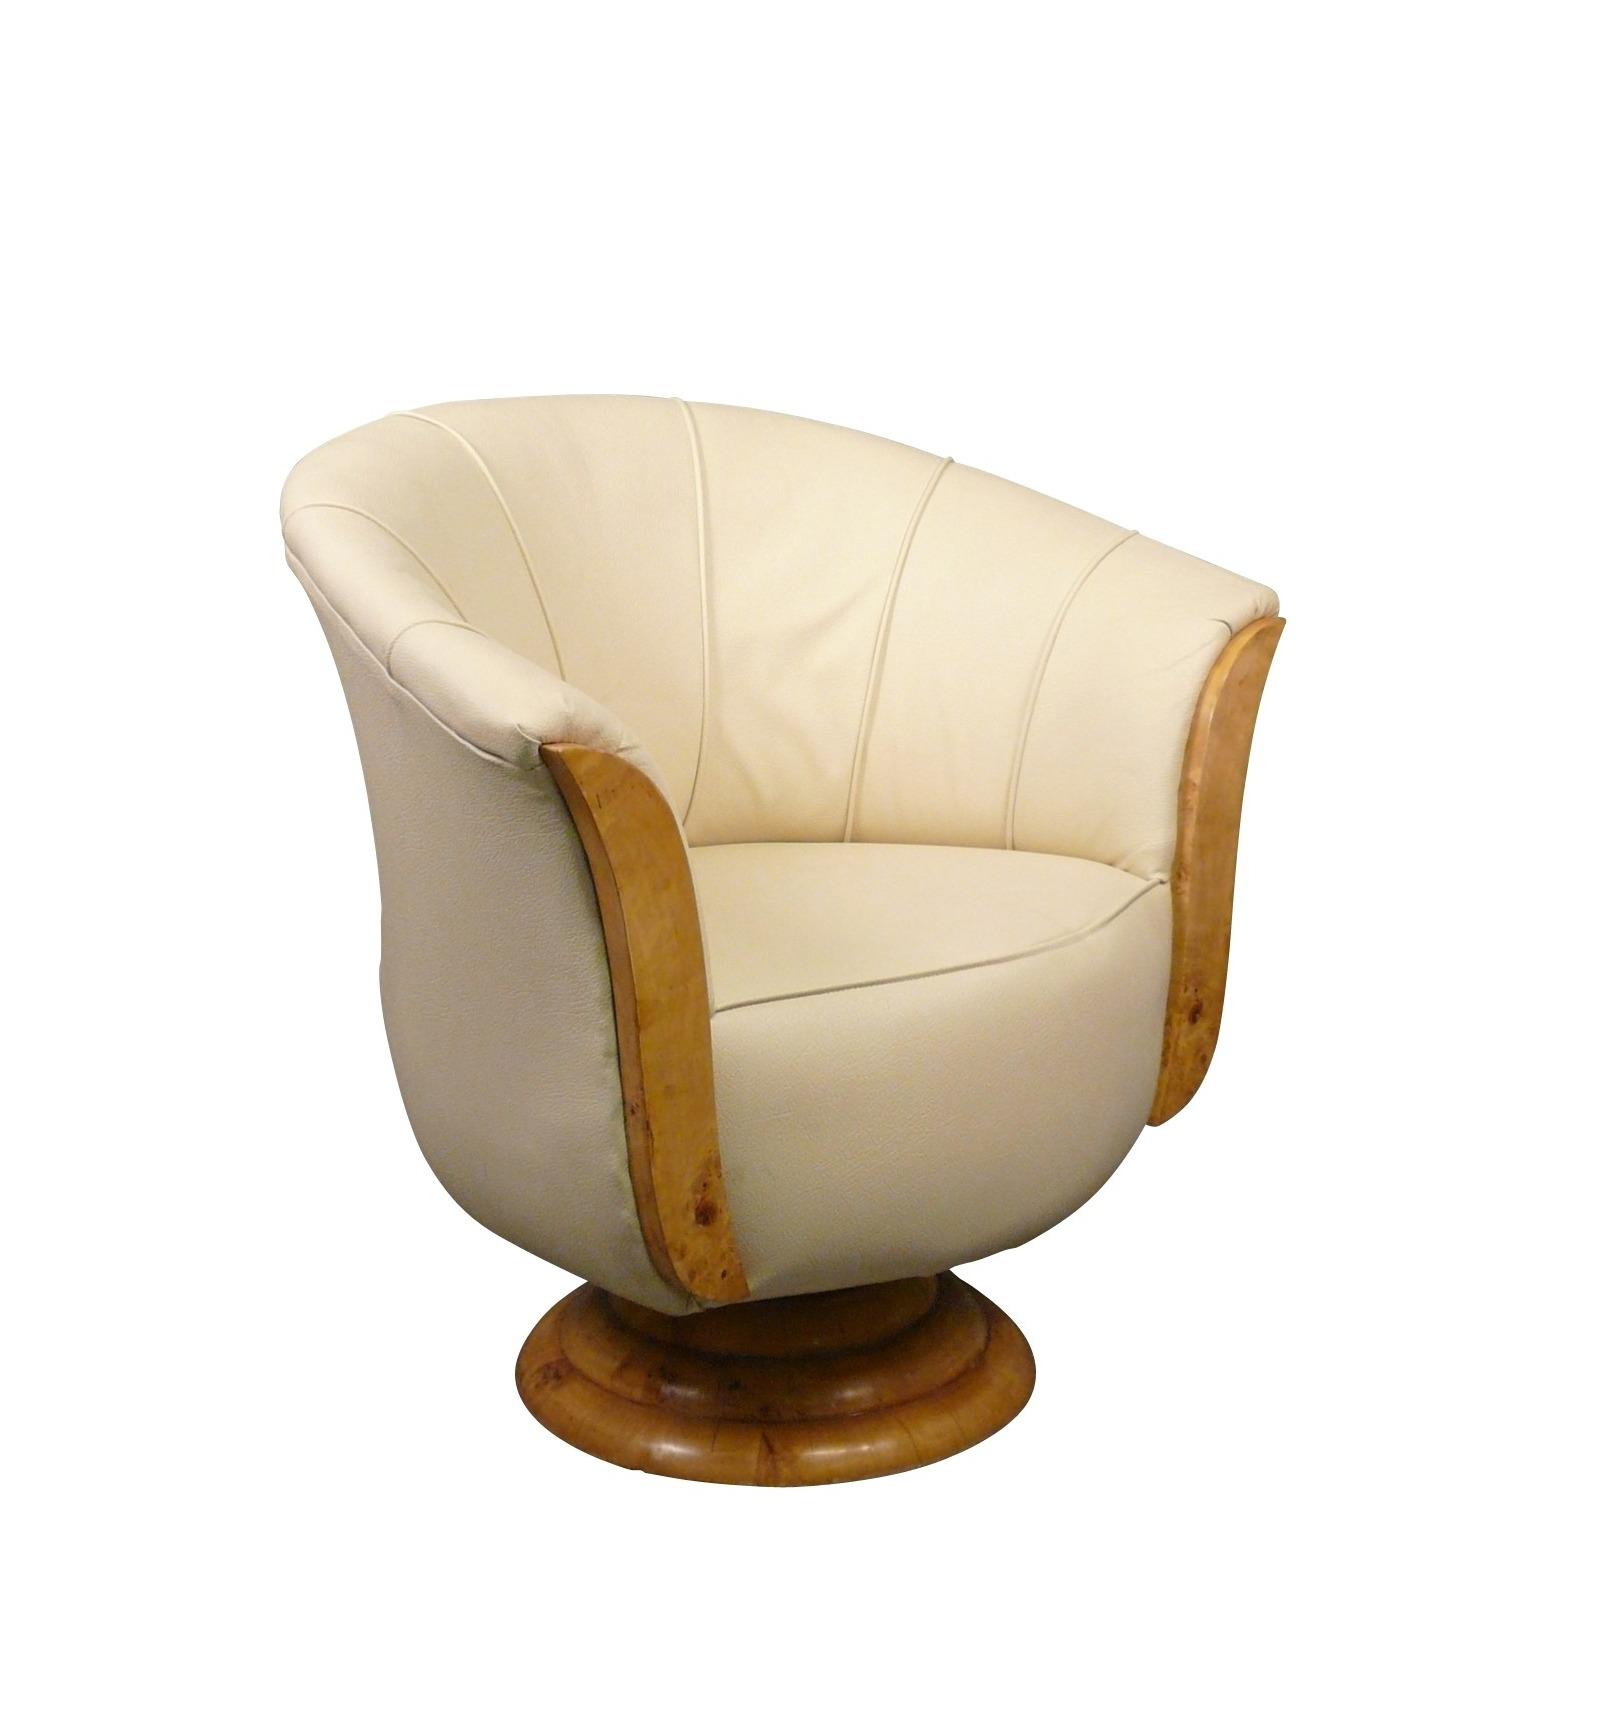 sessel art deco. Black Bedroom Furniture Sets. Home Design Ideas